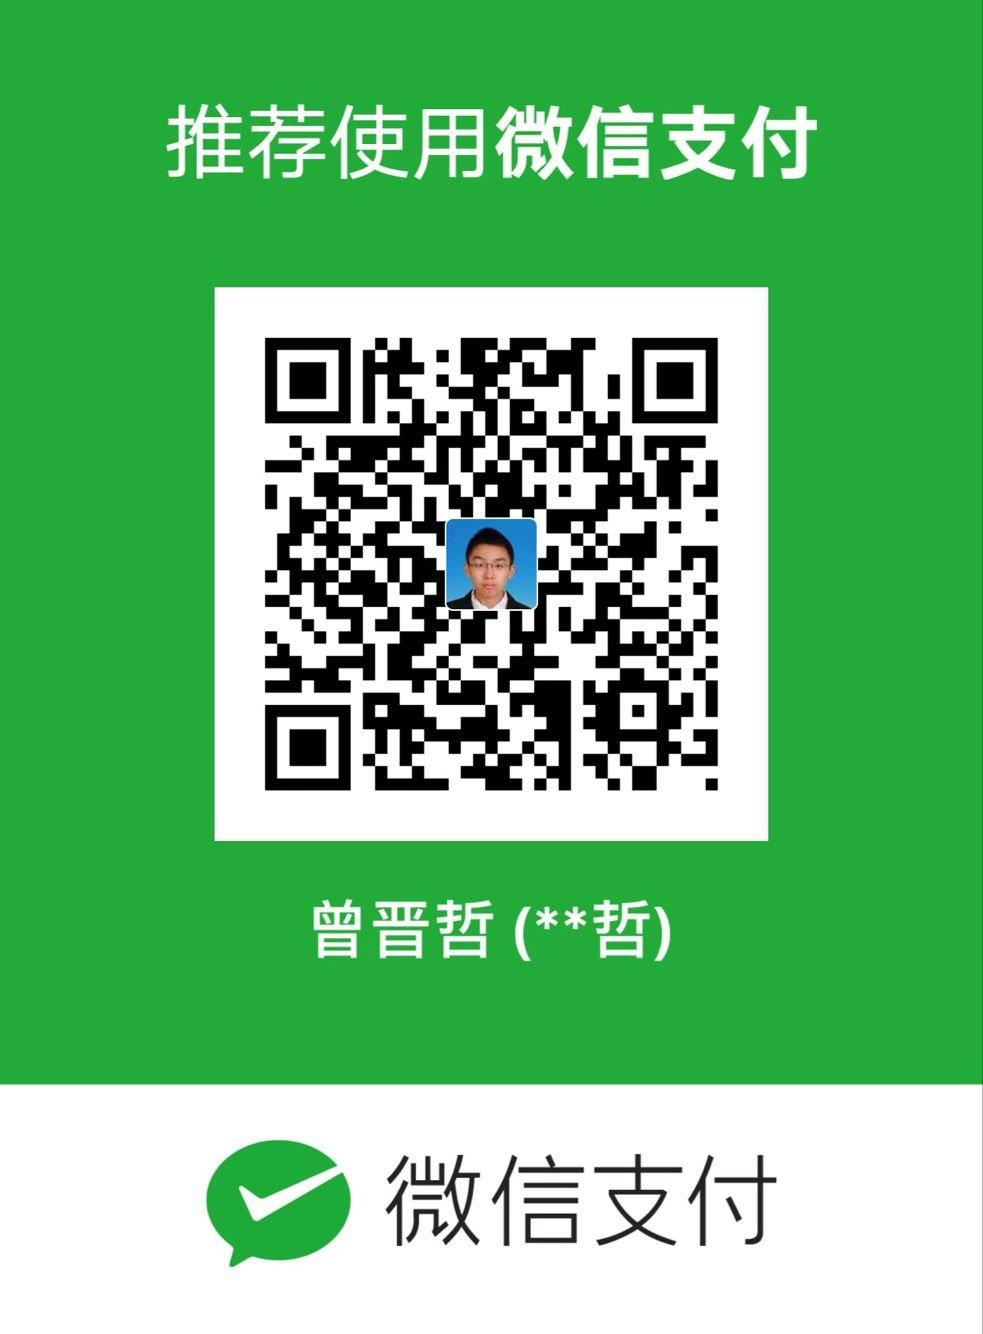 Jinzhe Zeng 微信